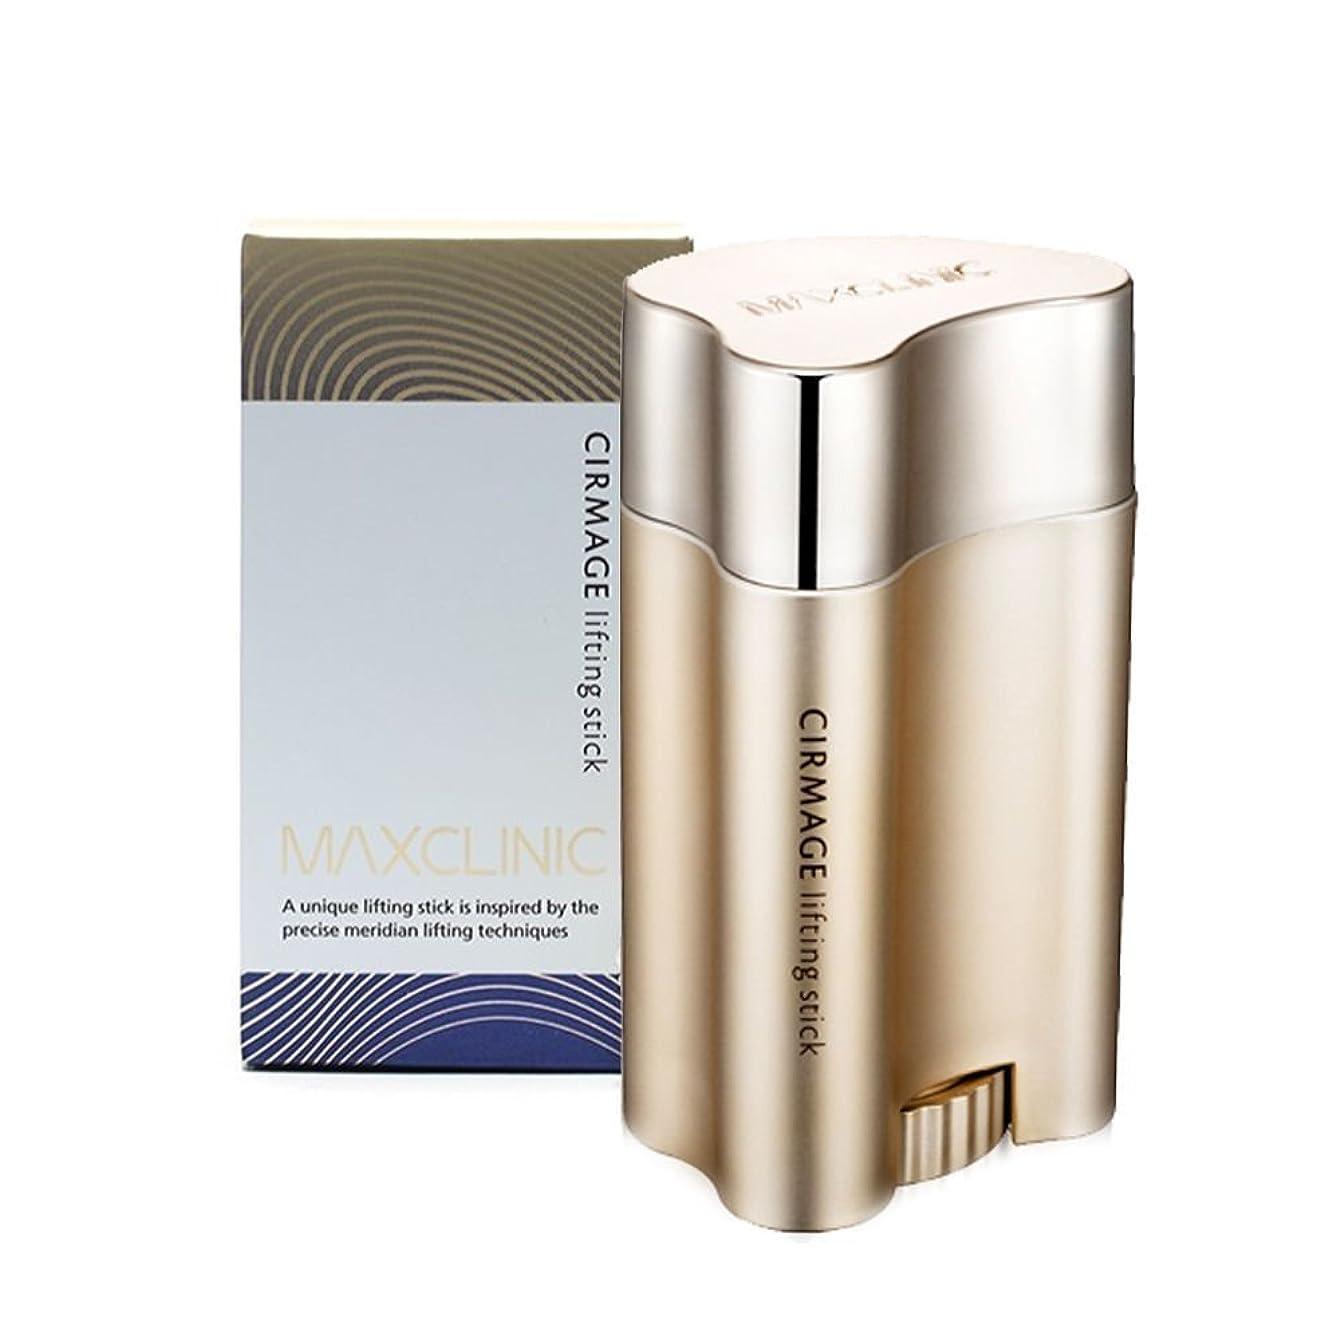 永遠の感情の化石MAXCLINIC マックスクリニック サーメージ リフティング スティック 23g(Cirmage Lifting Stick 23g)/Direct from Korea/w free Gift Sample [並行輸入品]